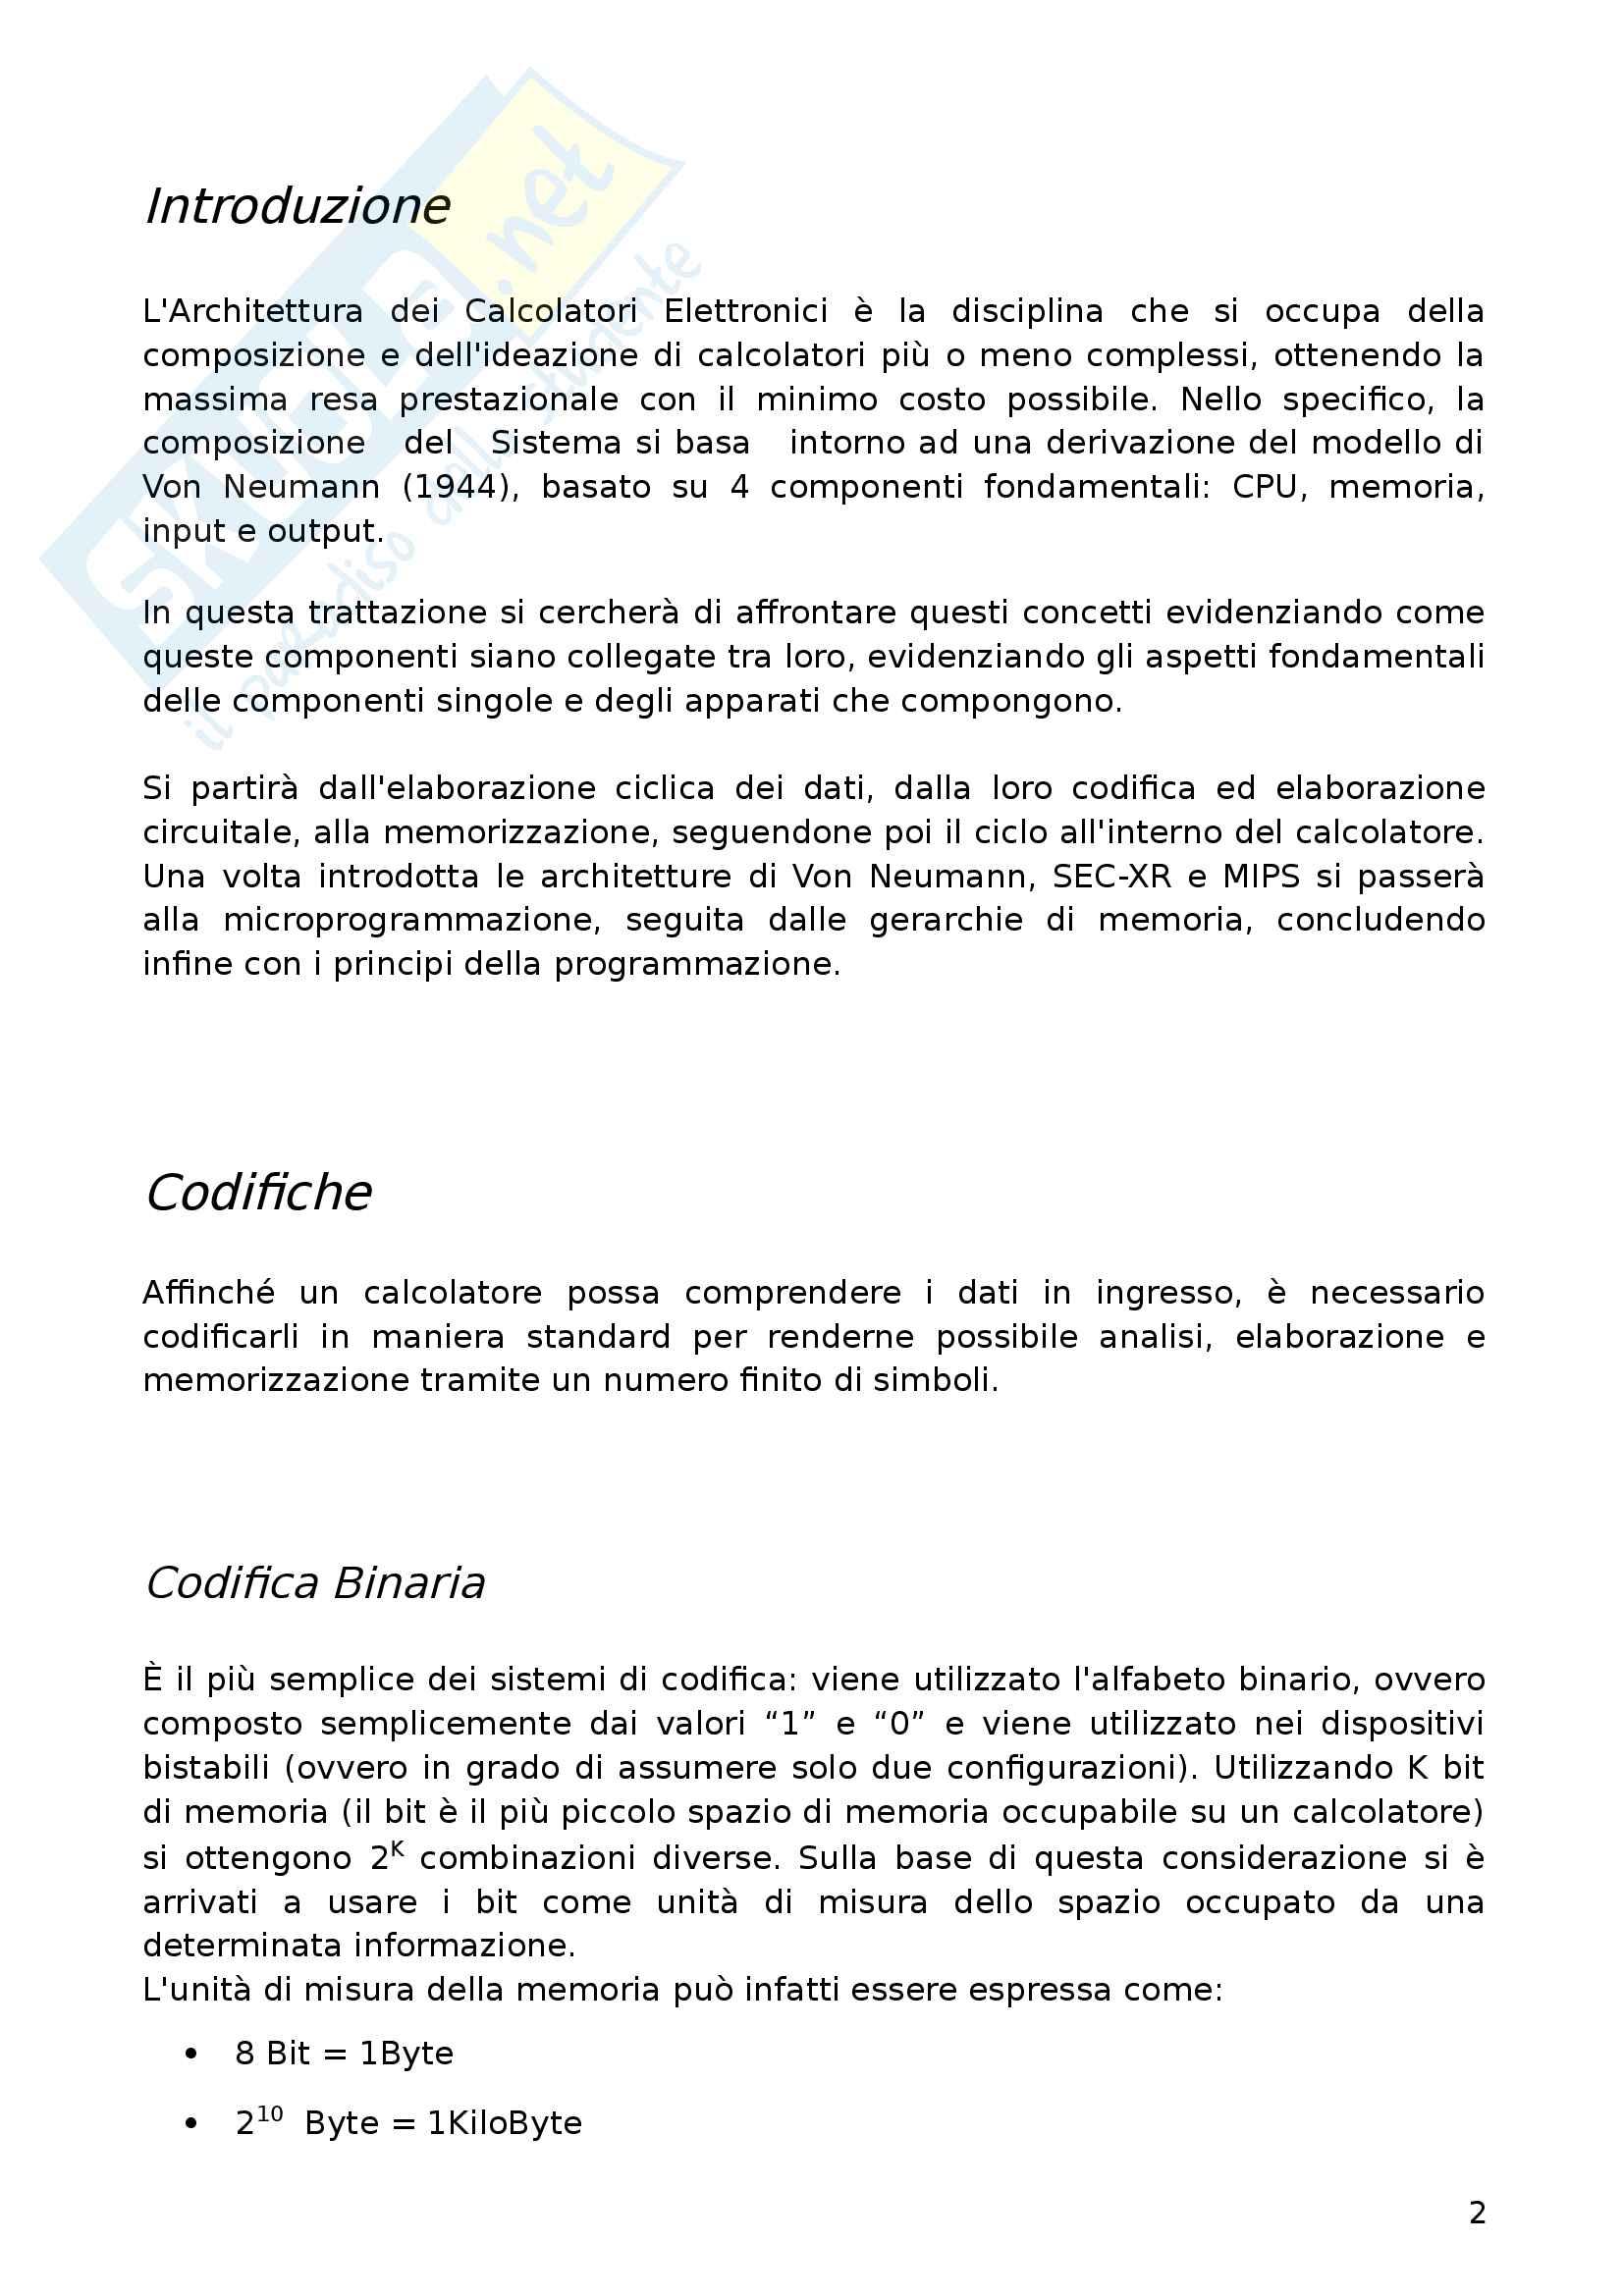 Appunti Architettura dei Calcolatori Elettronici Pag. 2